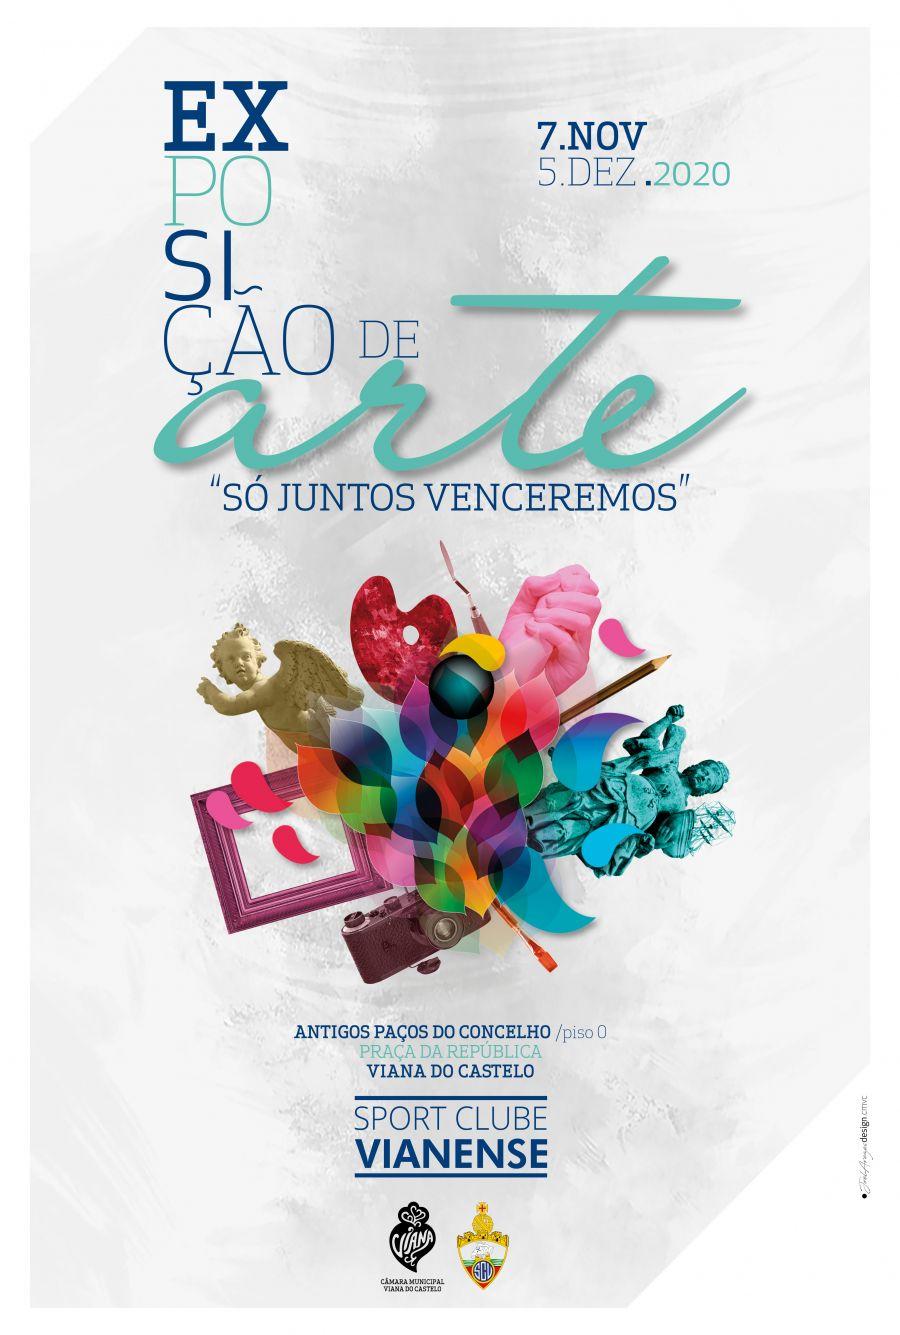 Exposição de Arte 'Só Juntos Venceremos' - Viana do Castelo